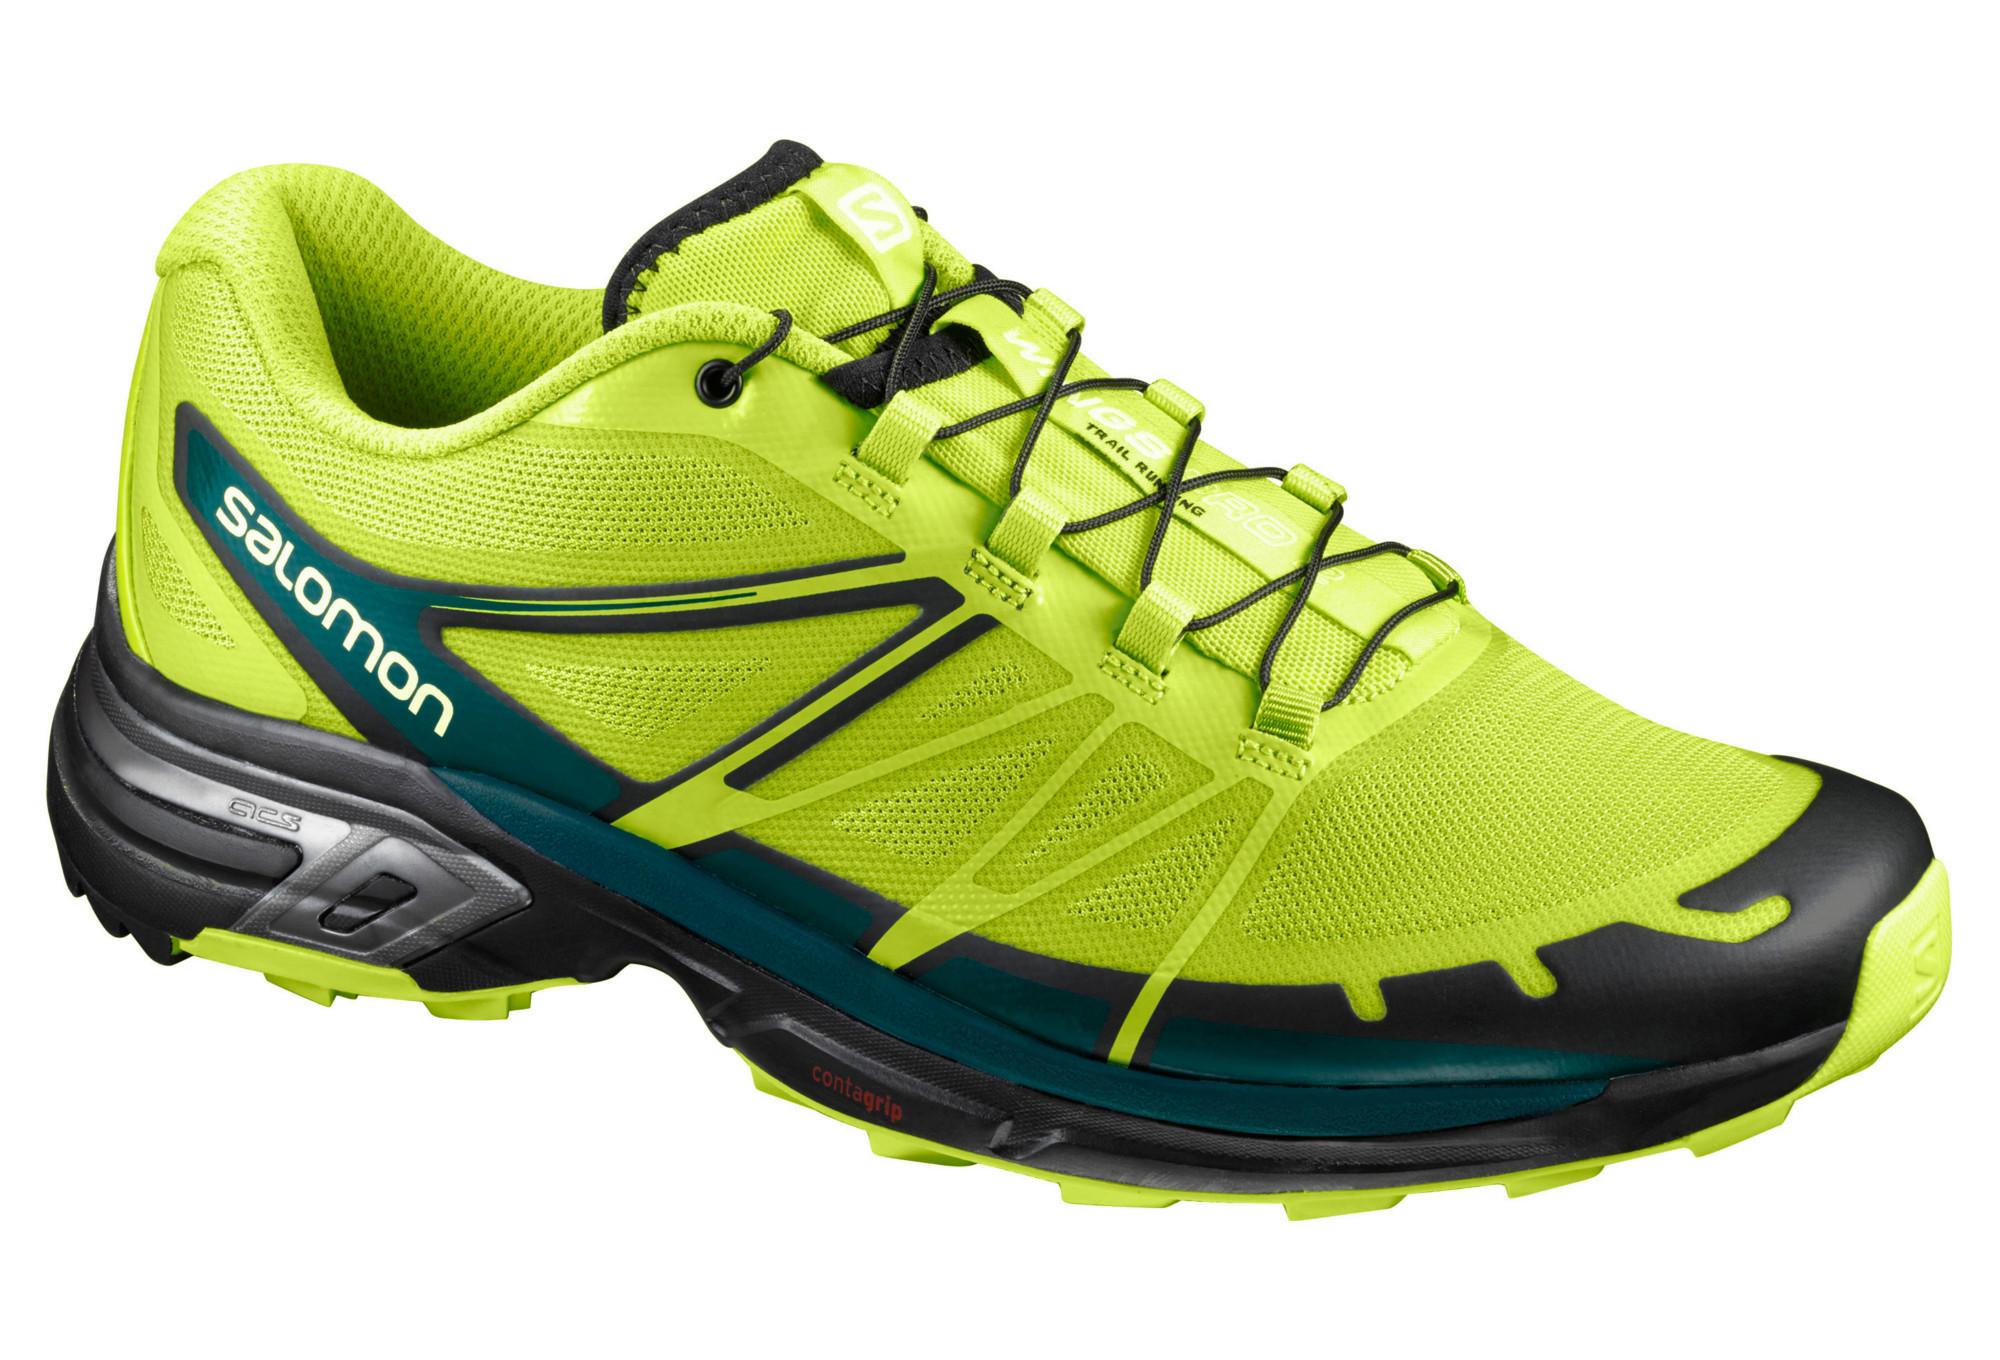 Chaussures 2 Wings Trail Salomon De Vert Pro wxFwfv